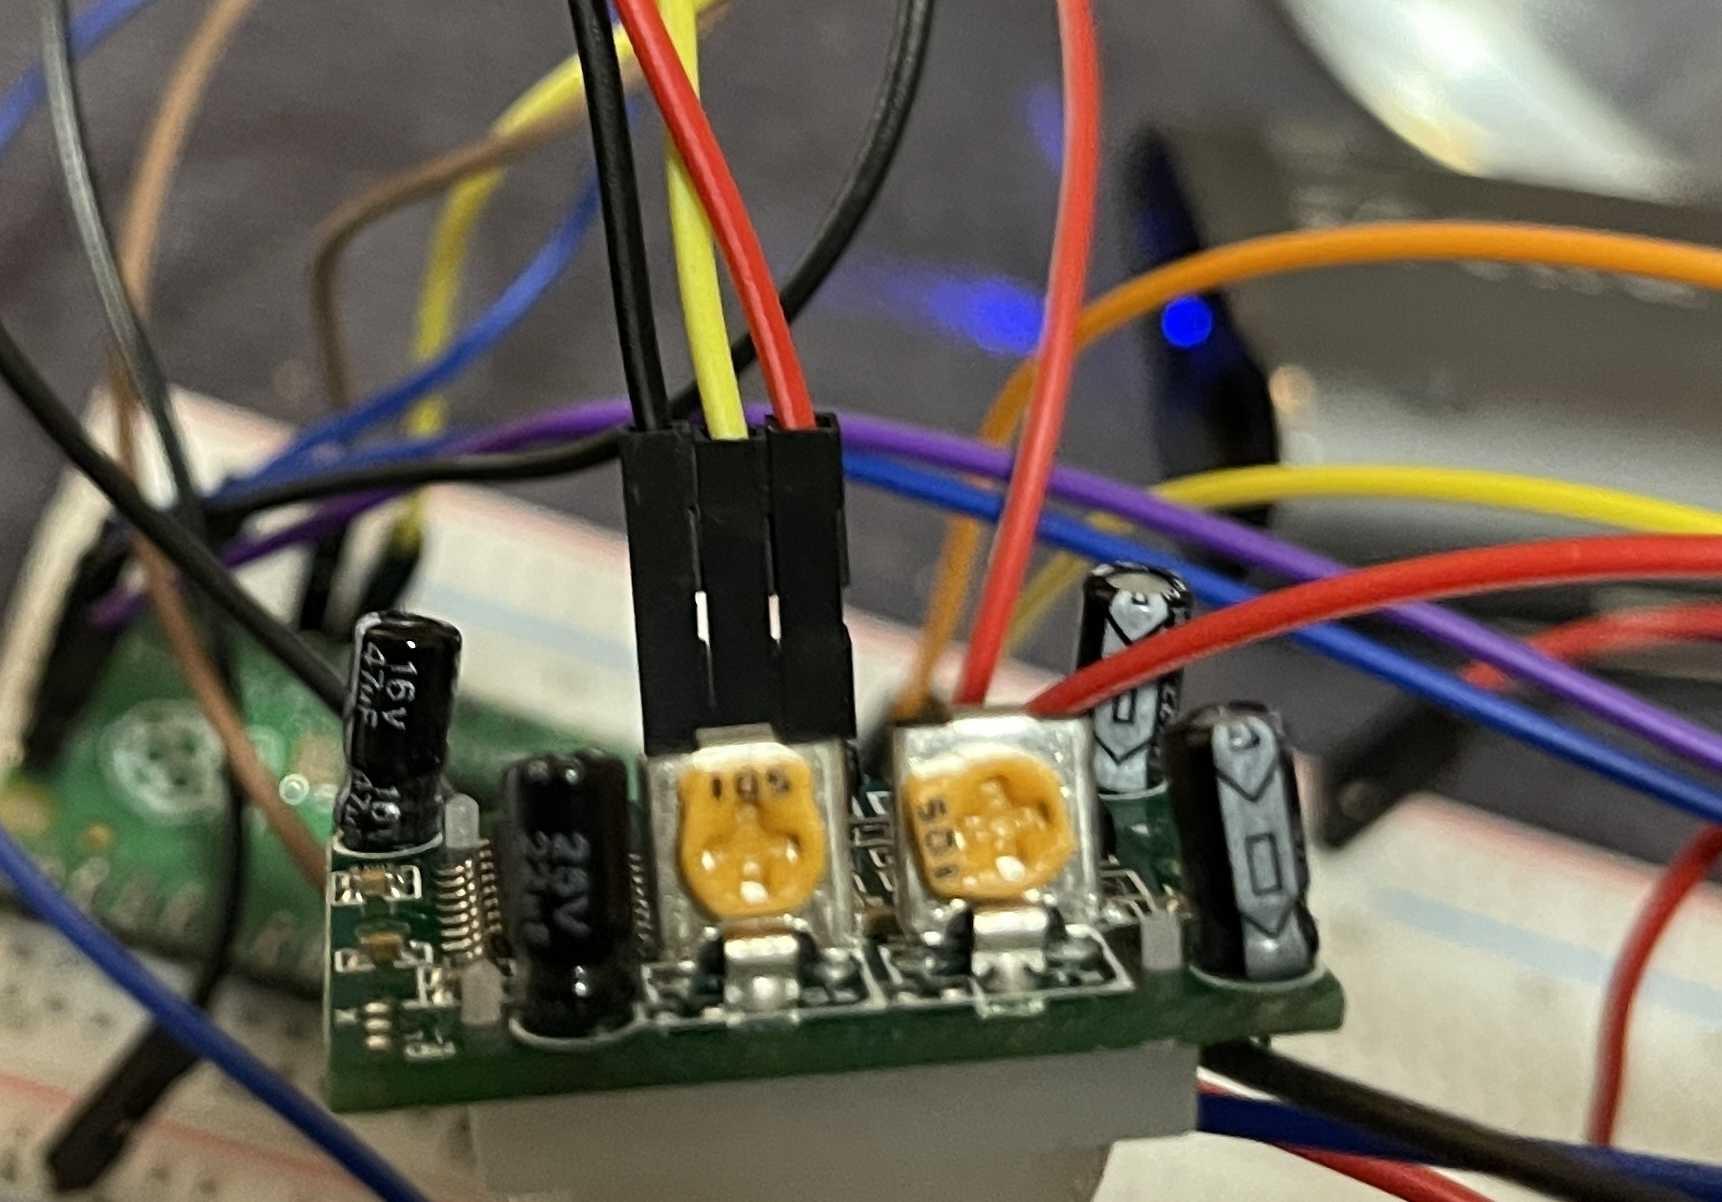 Die zwei Potis am PIR-Sensor erlauben eine Feinjustierung